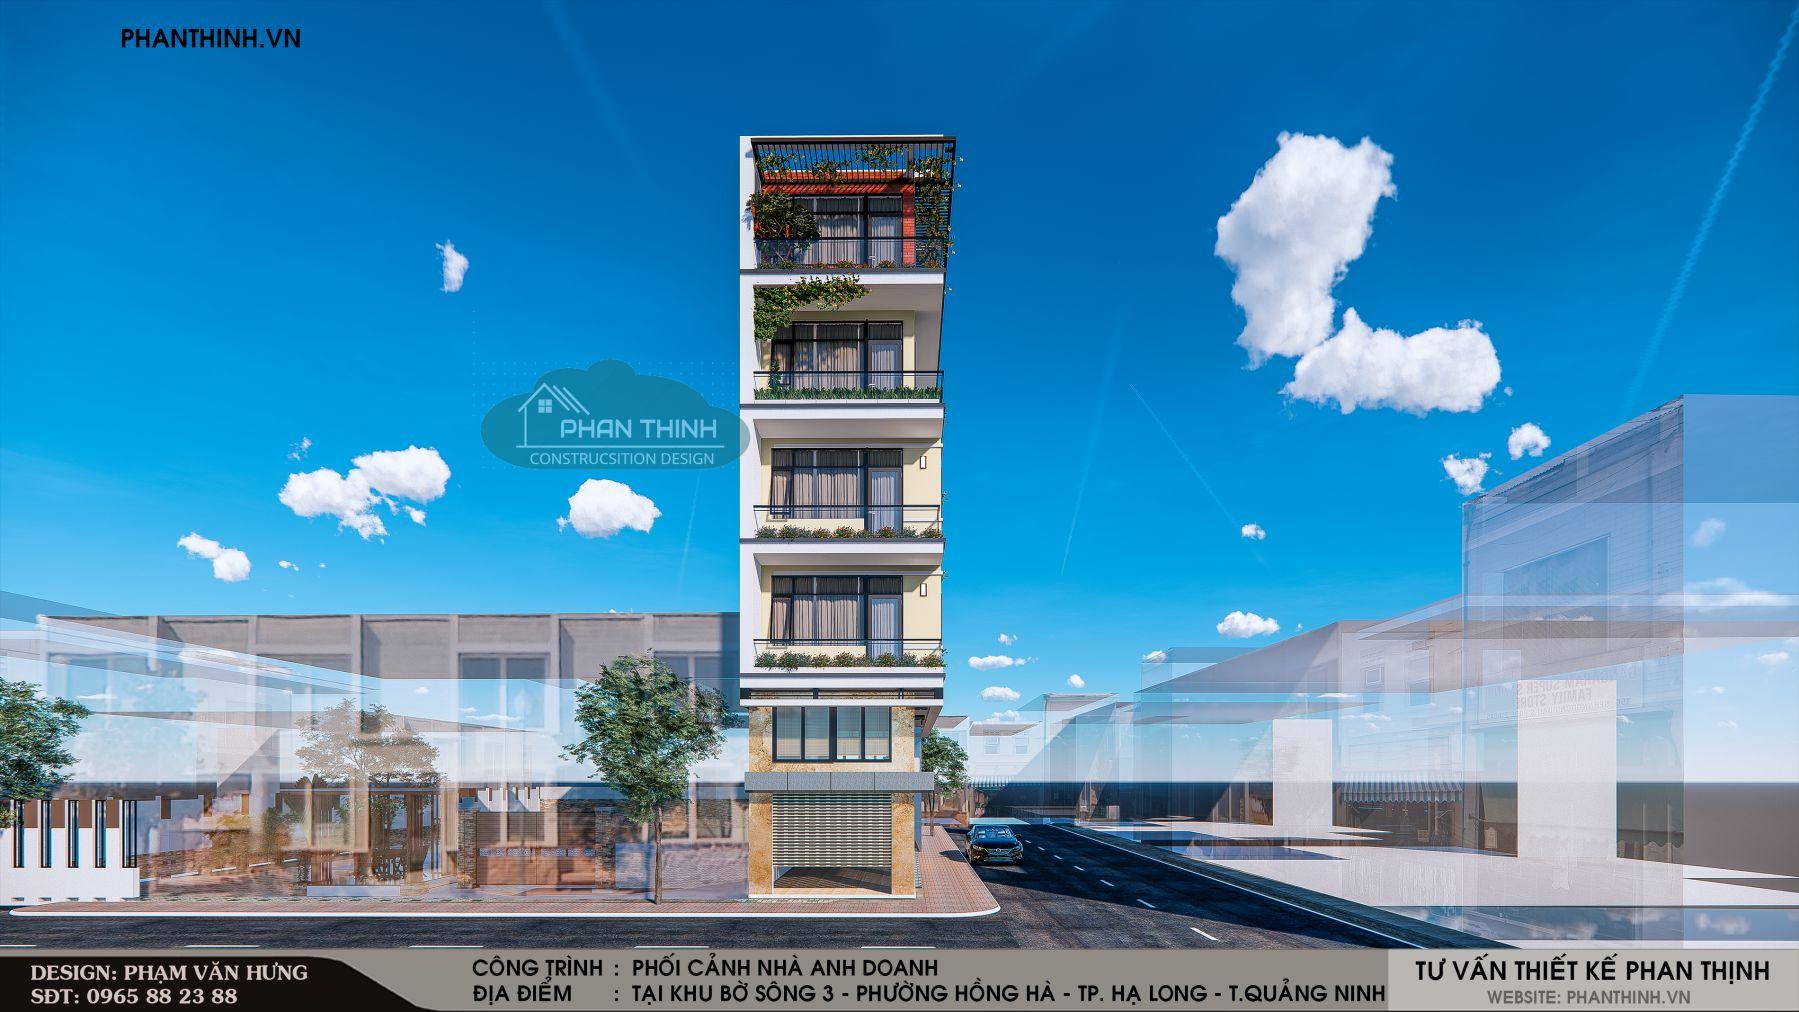 Thiết kế nhà 5 tầng 2 mặt tiền đẹp tại Quảng Ninh